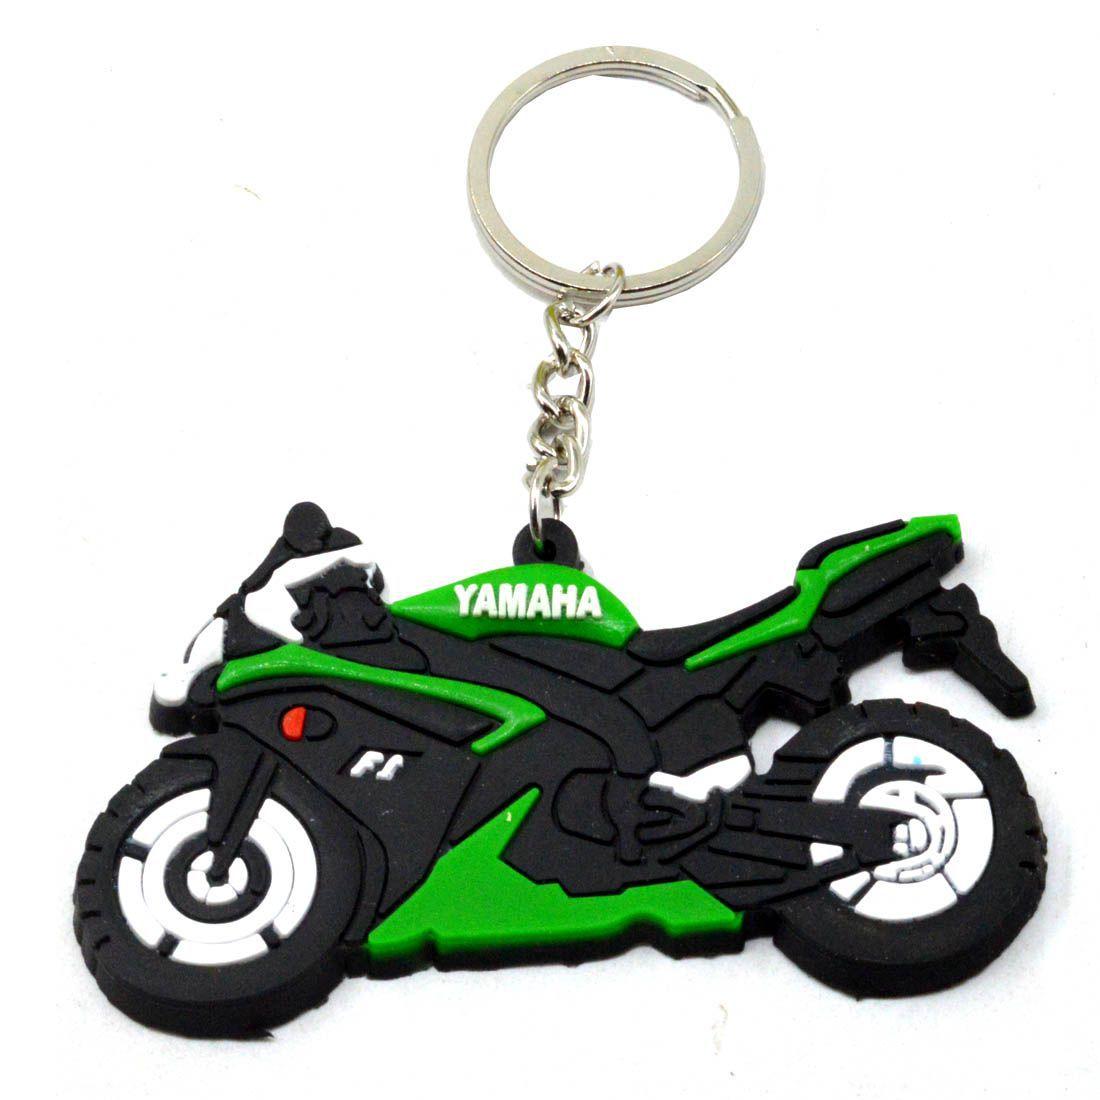 Faynci Yamaha Bike Logo Yamaha Inspired Silicone Black/Green/White soft Key Chain